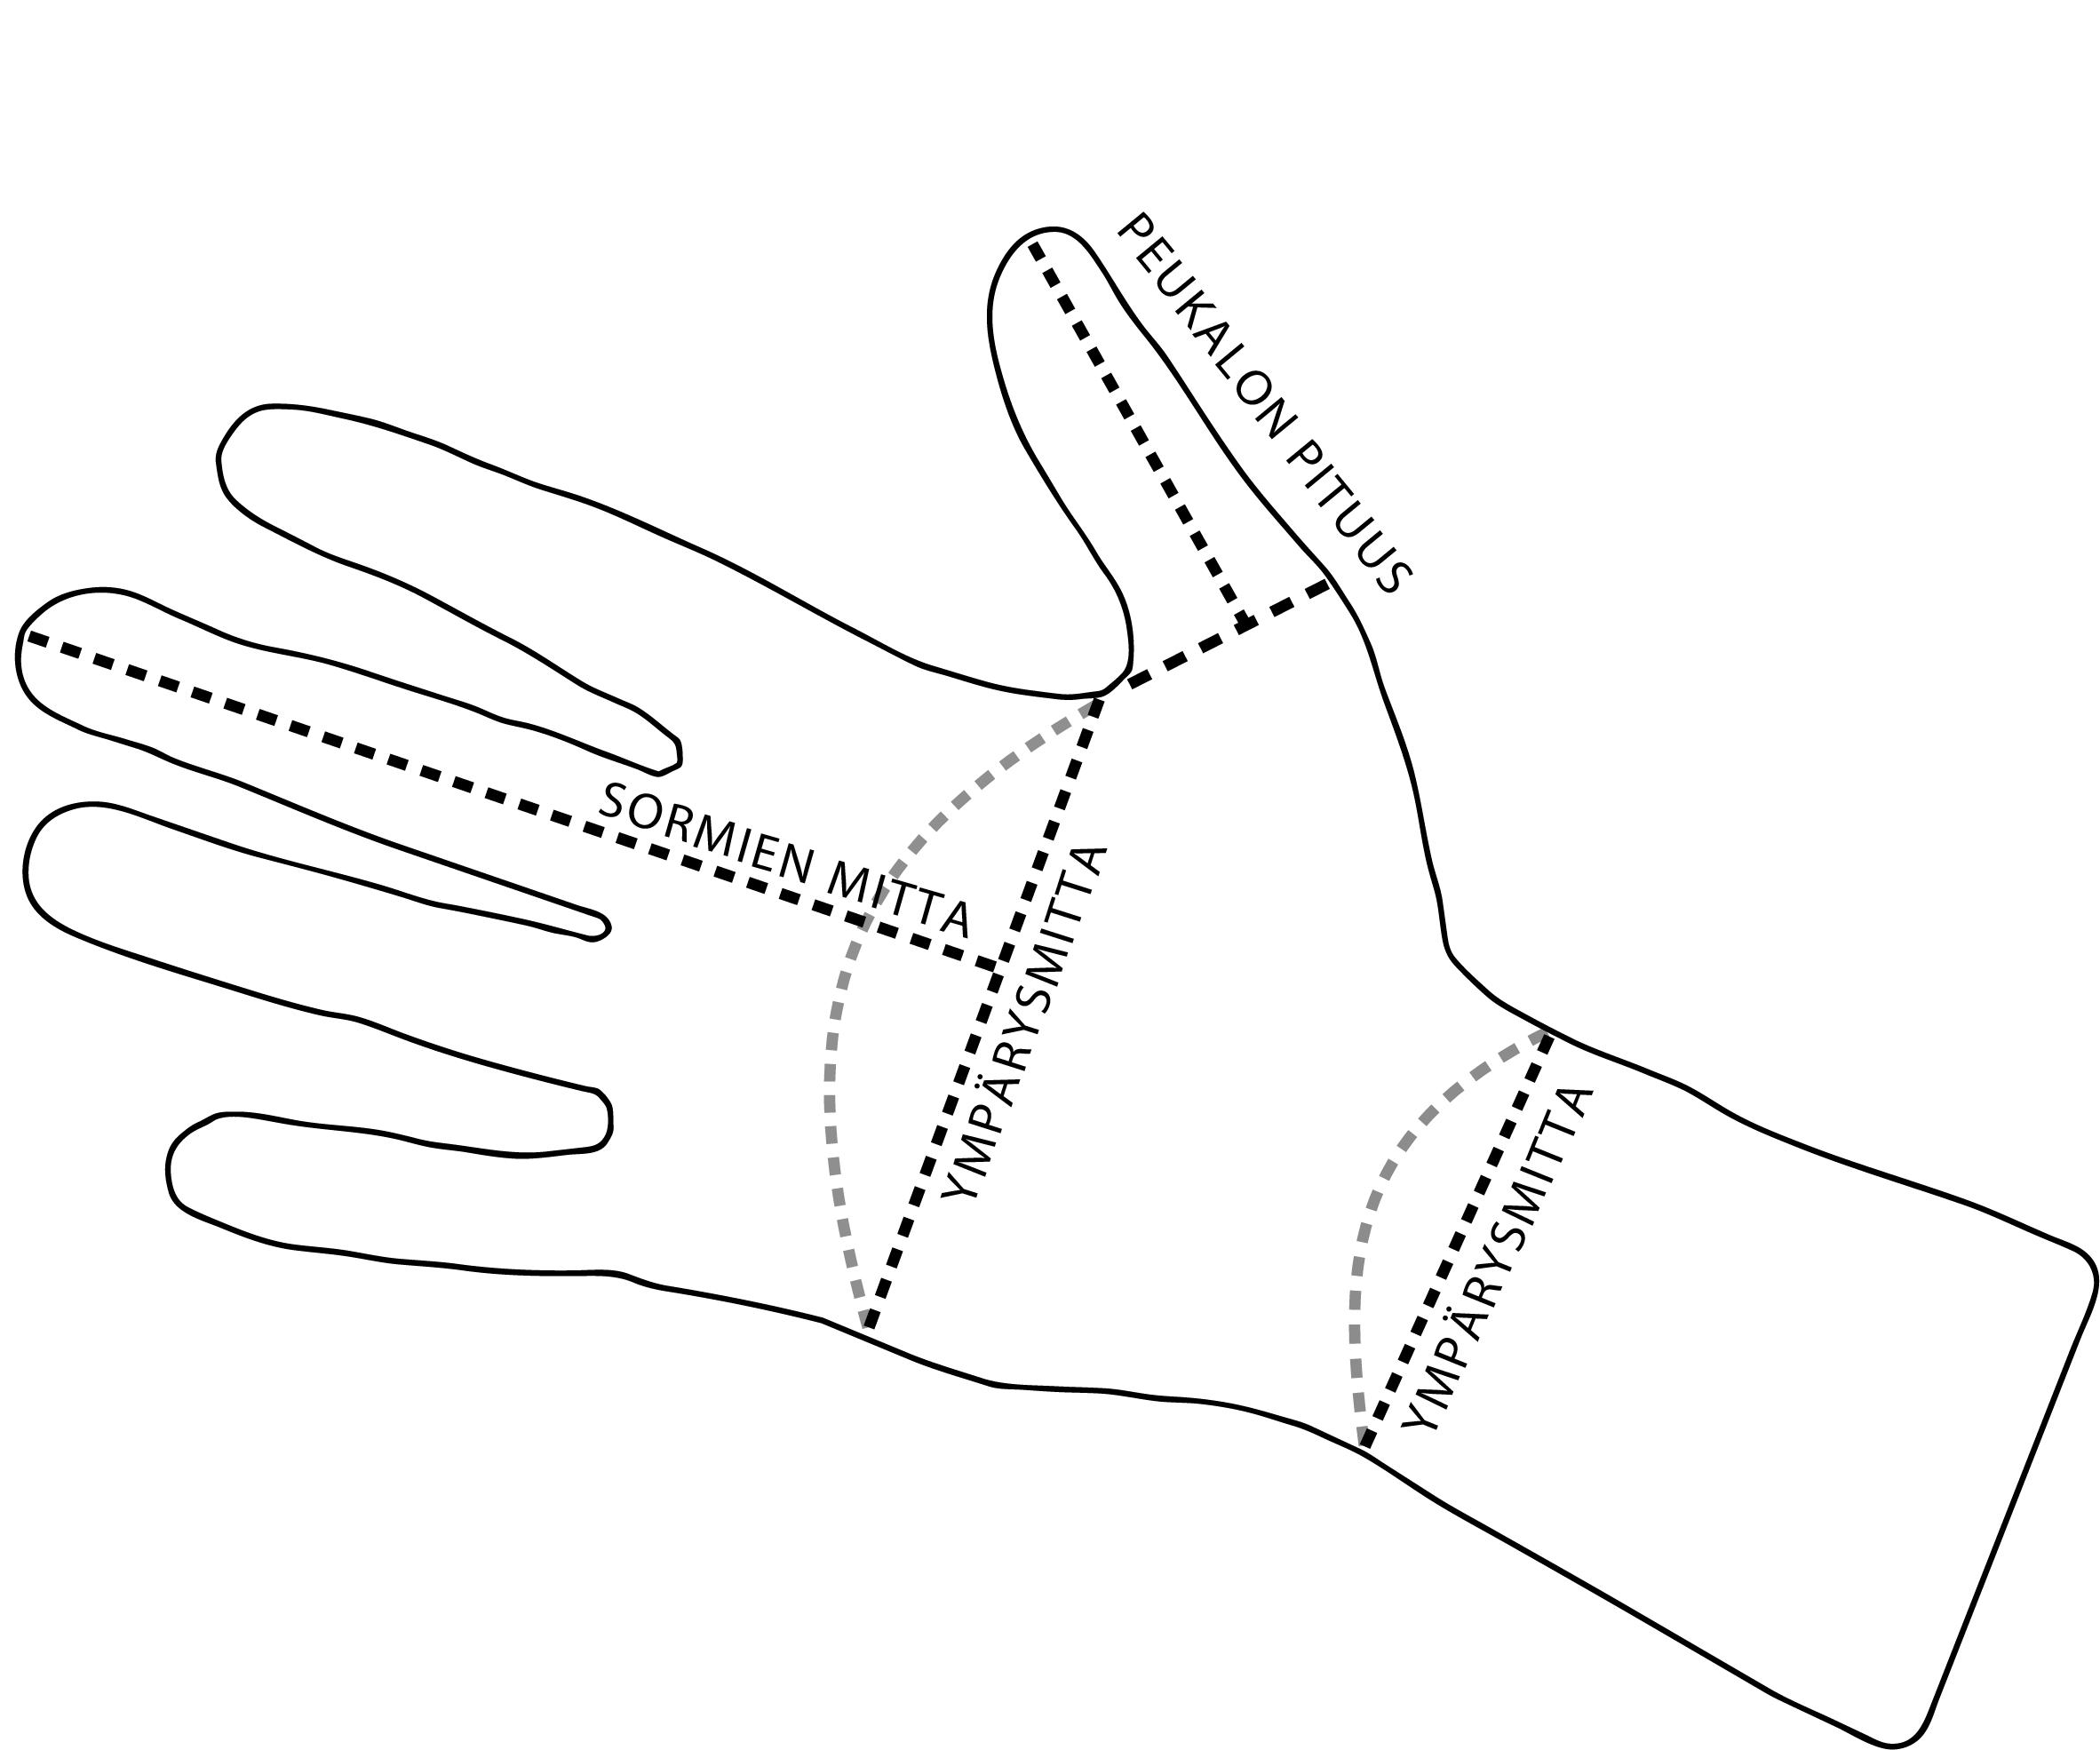 Käden mittaus kuvan ohjeiden mukaisesti